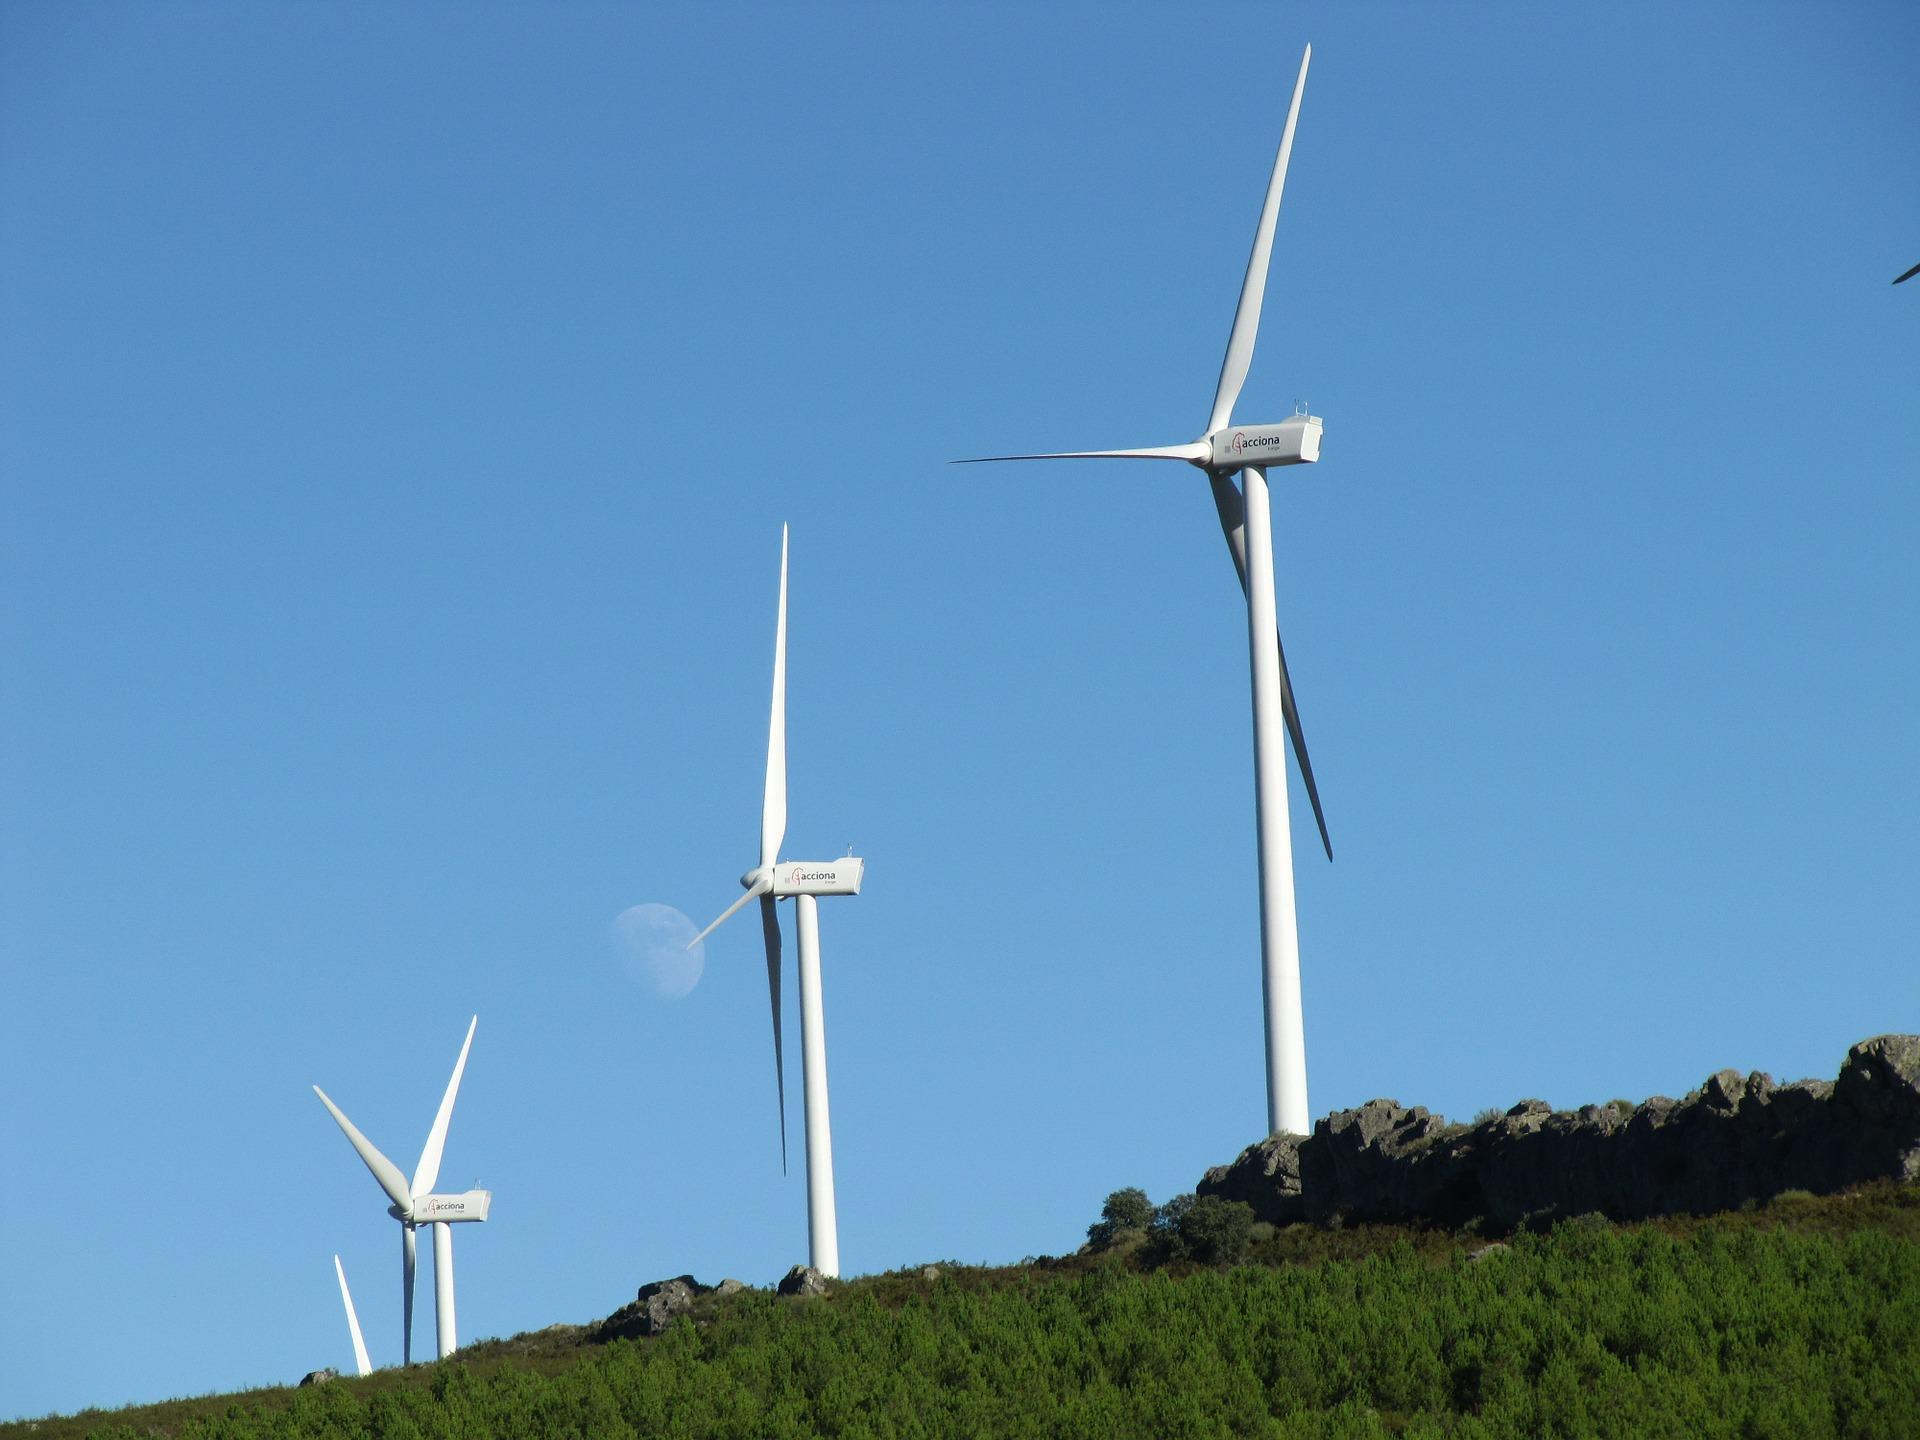 wind-turbine-957438_1920.jpg